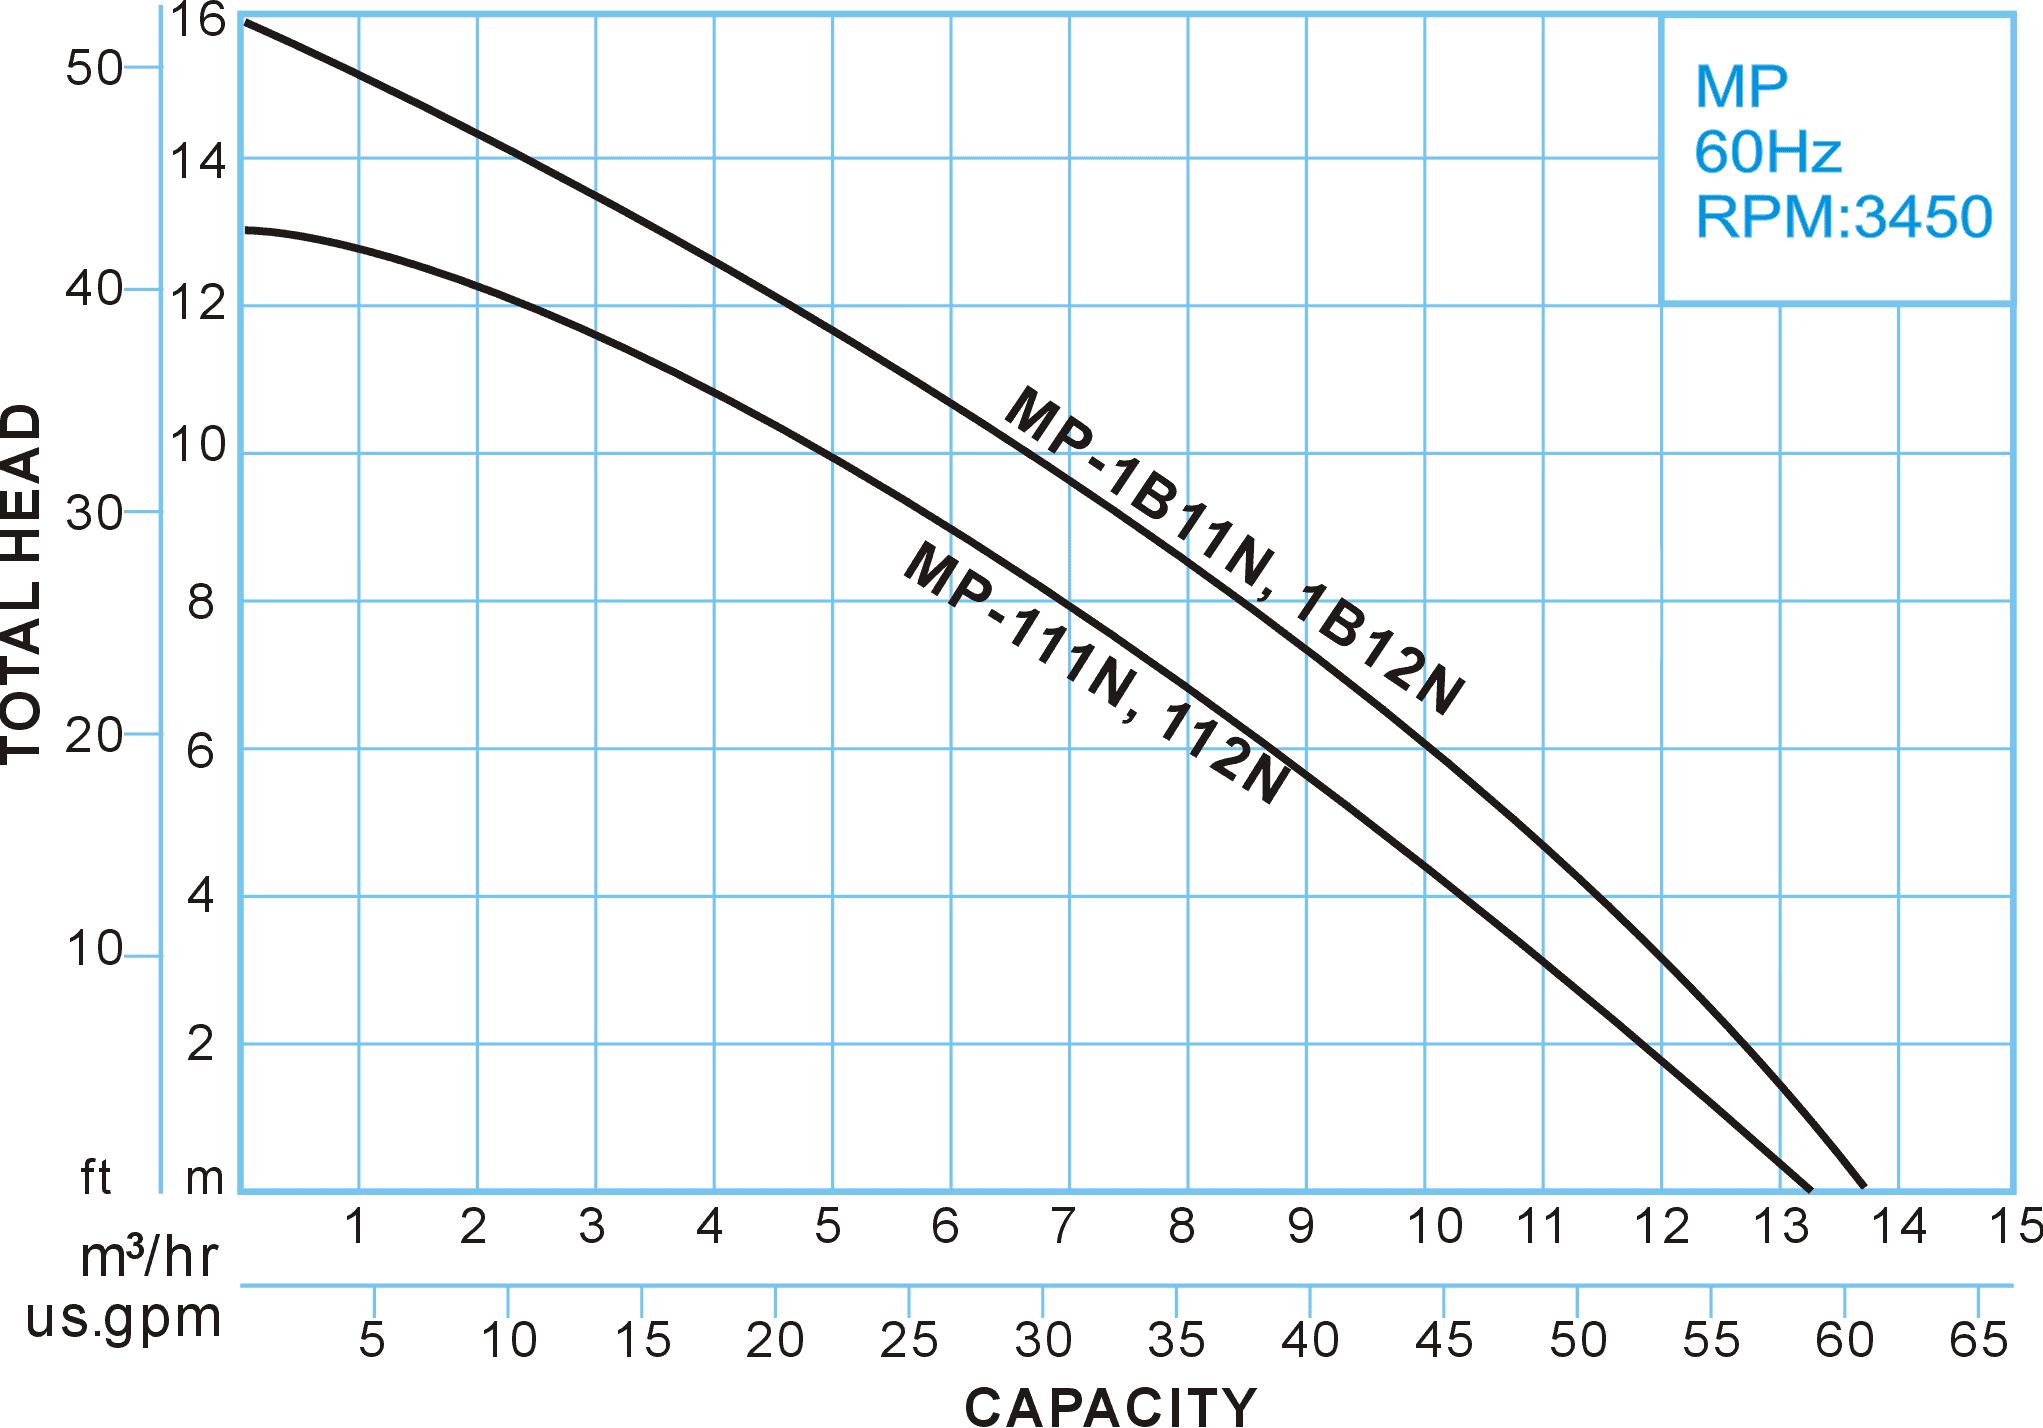 MP series Whirlpool Bath Pump, 60Hz Performance Curve, Showfou Pump